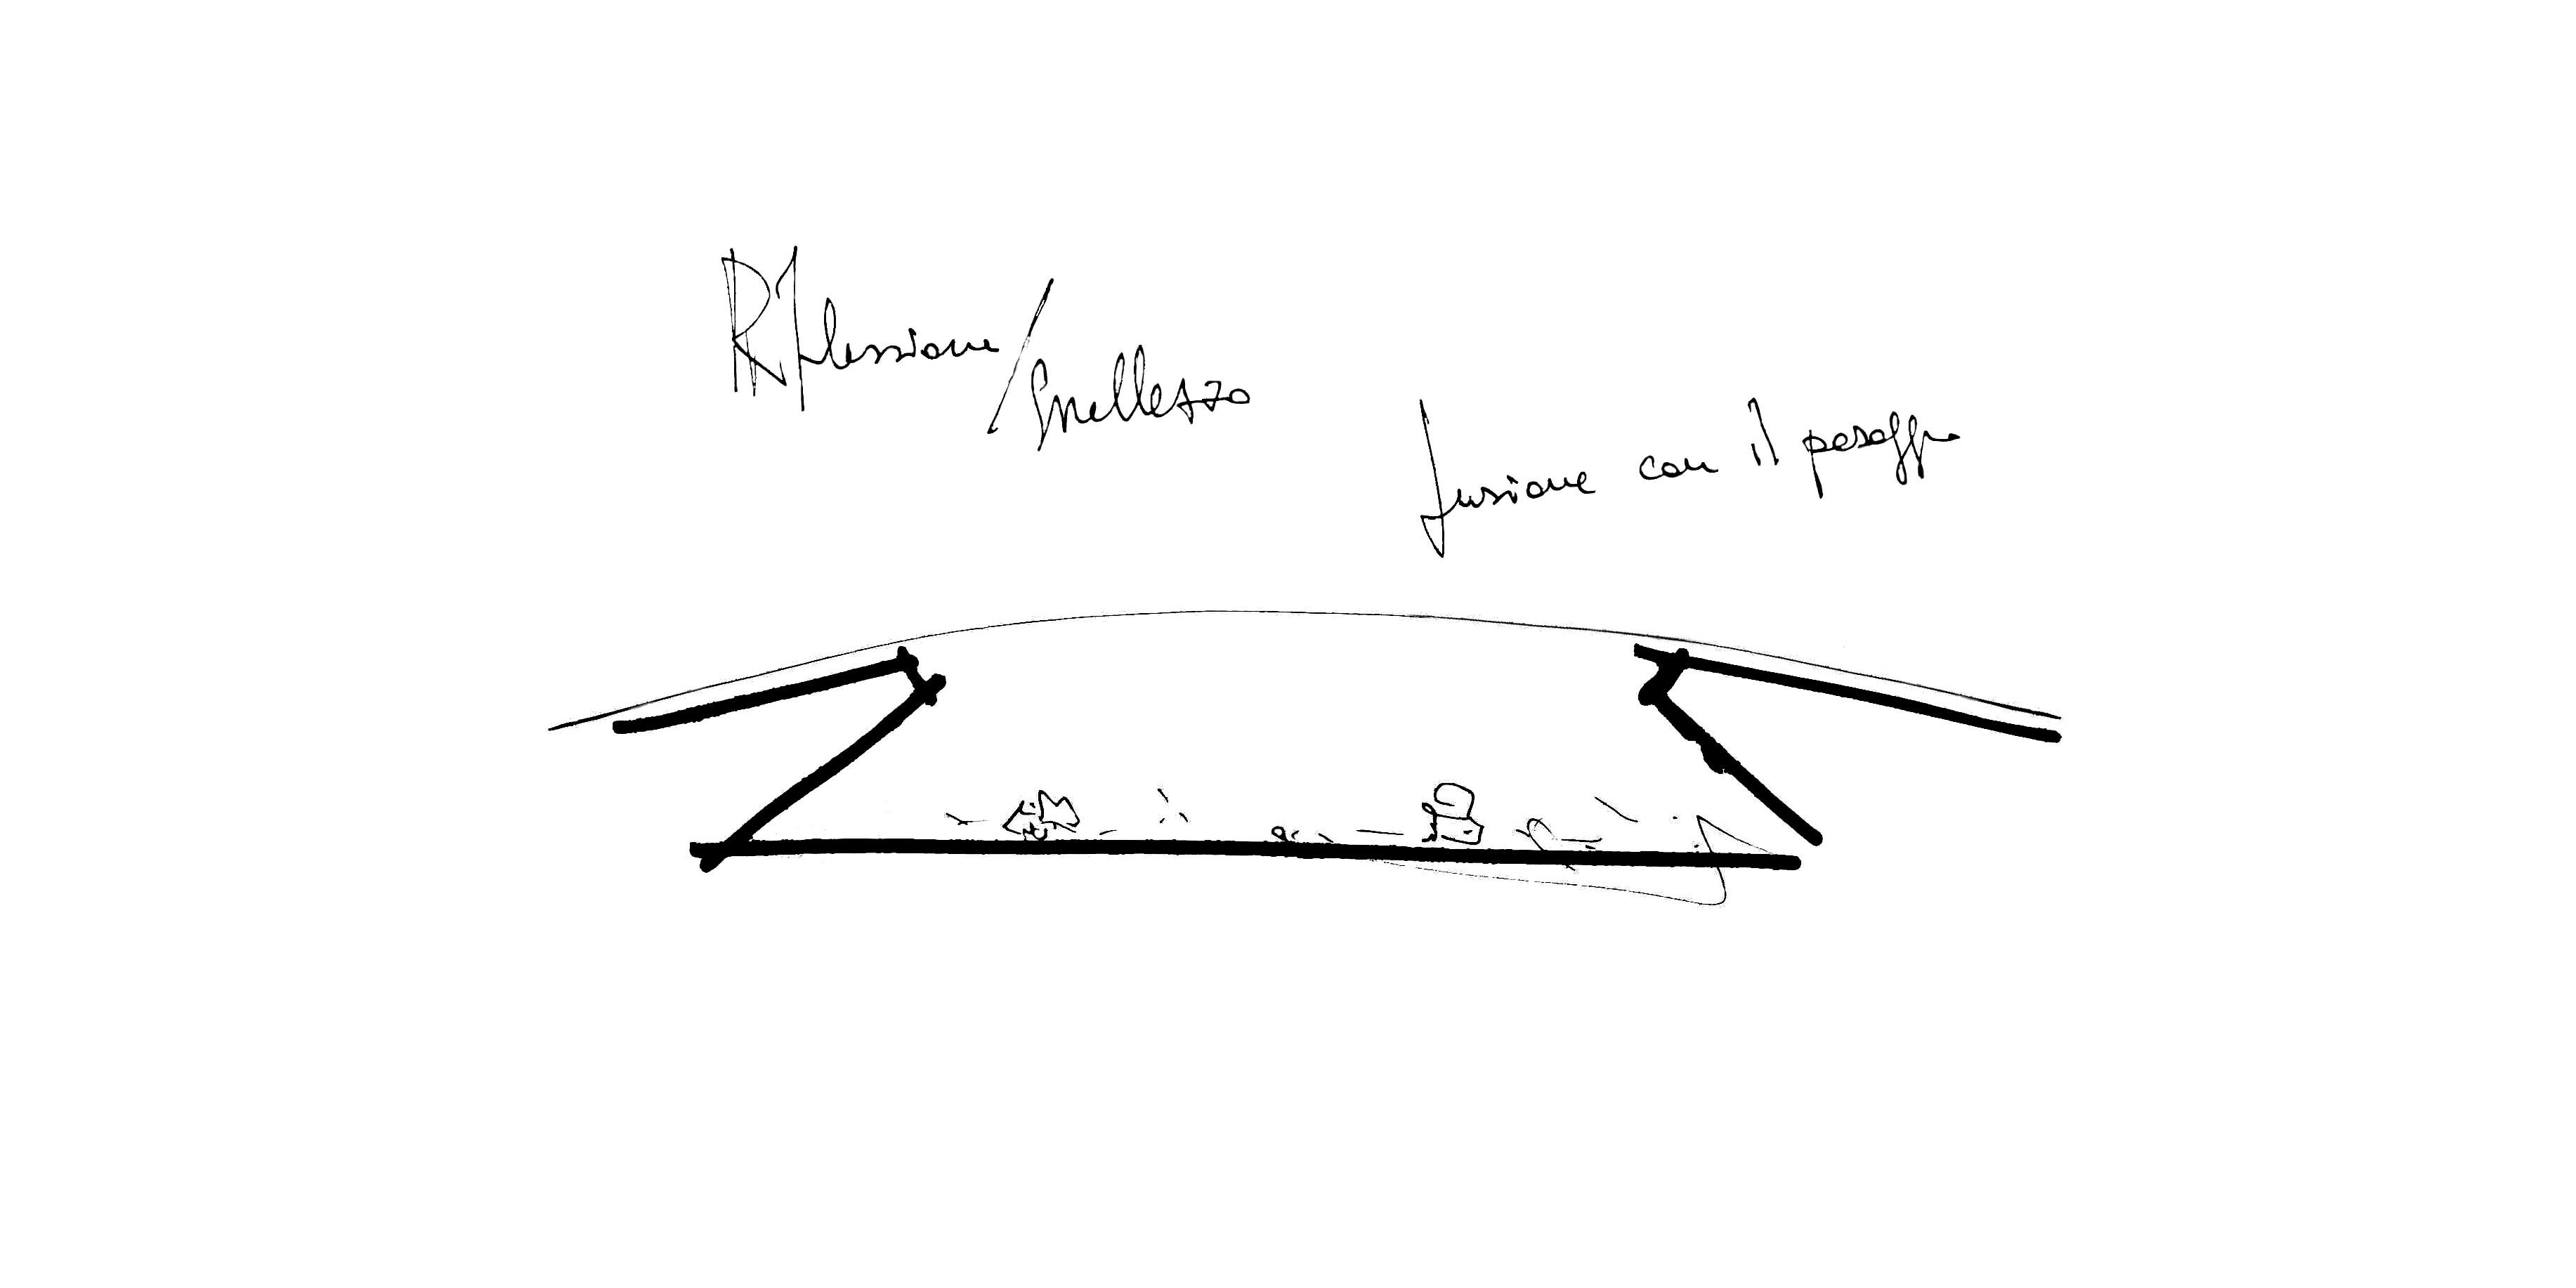 archinow_ANA_reinventa-cavalcavia-anas_01